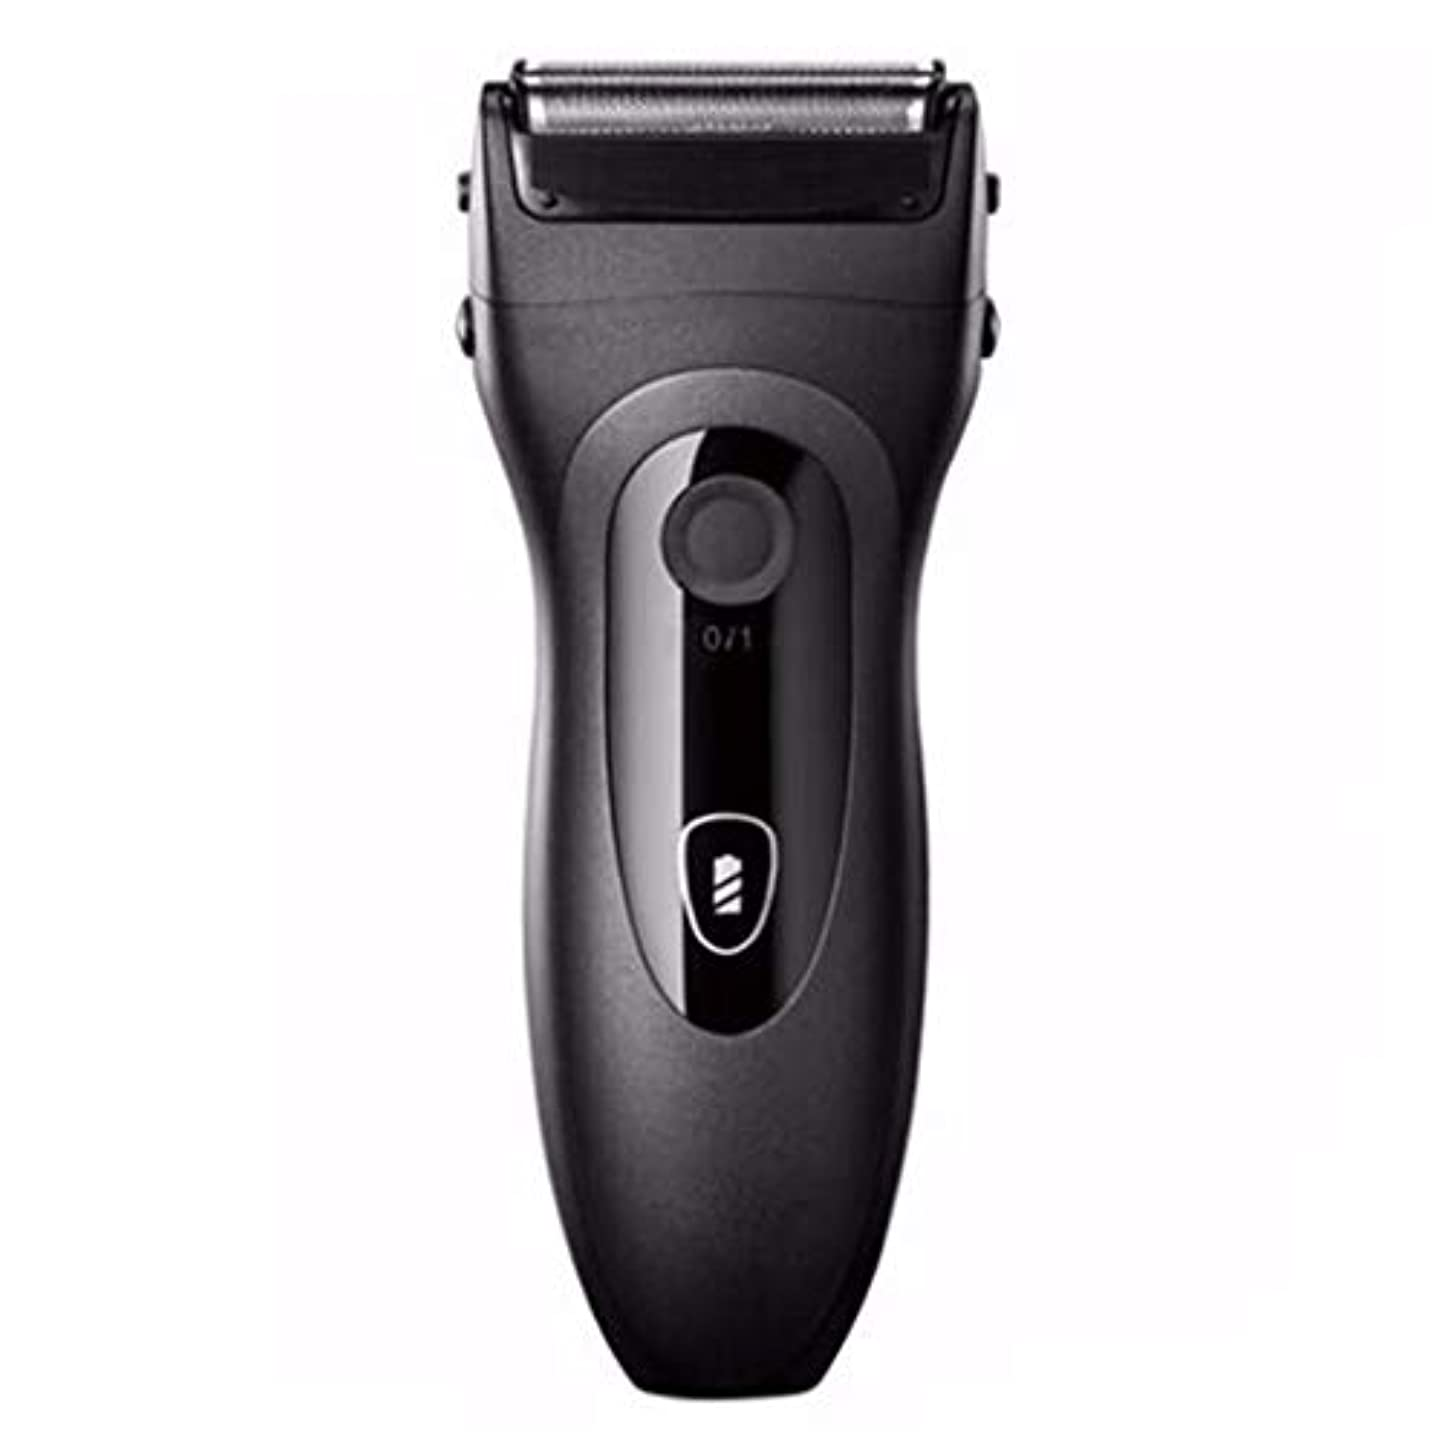 腐敗した主人繰り返しひげそり 電動 メンズシェーバー,往復式 髭剃り 電気シェーバー USB充電式 IPX7防水 電気シェーバー ディスプレイ お風呂剃りドライ両用 人気プレゼント